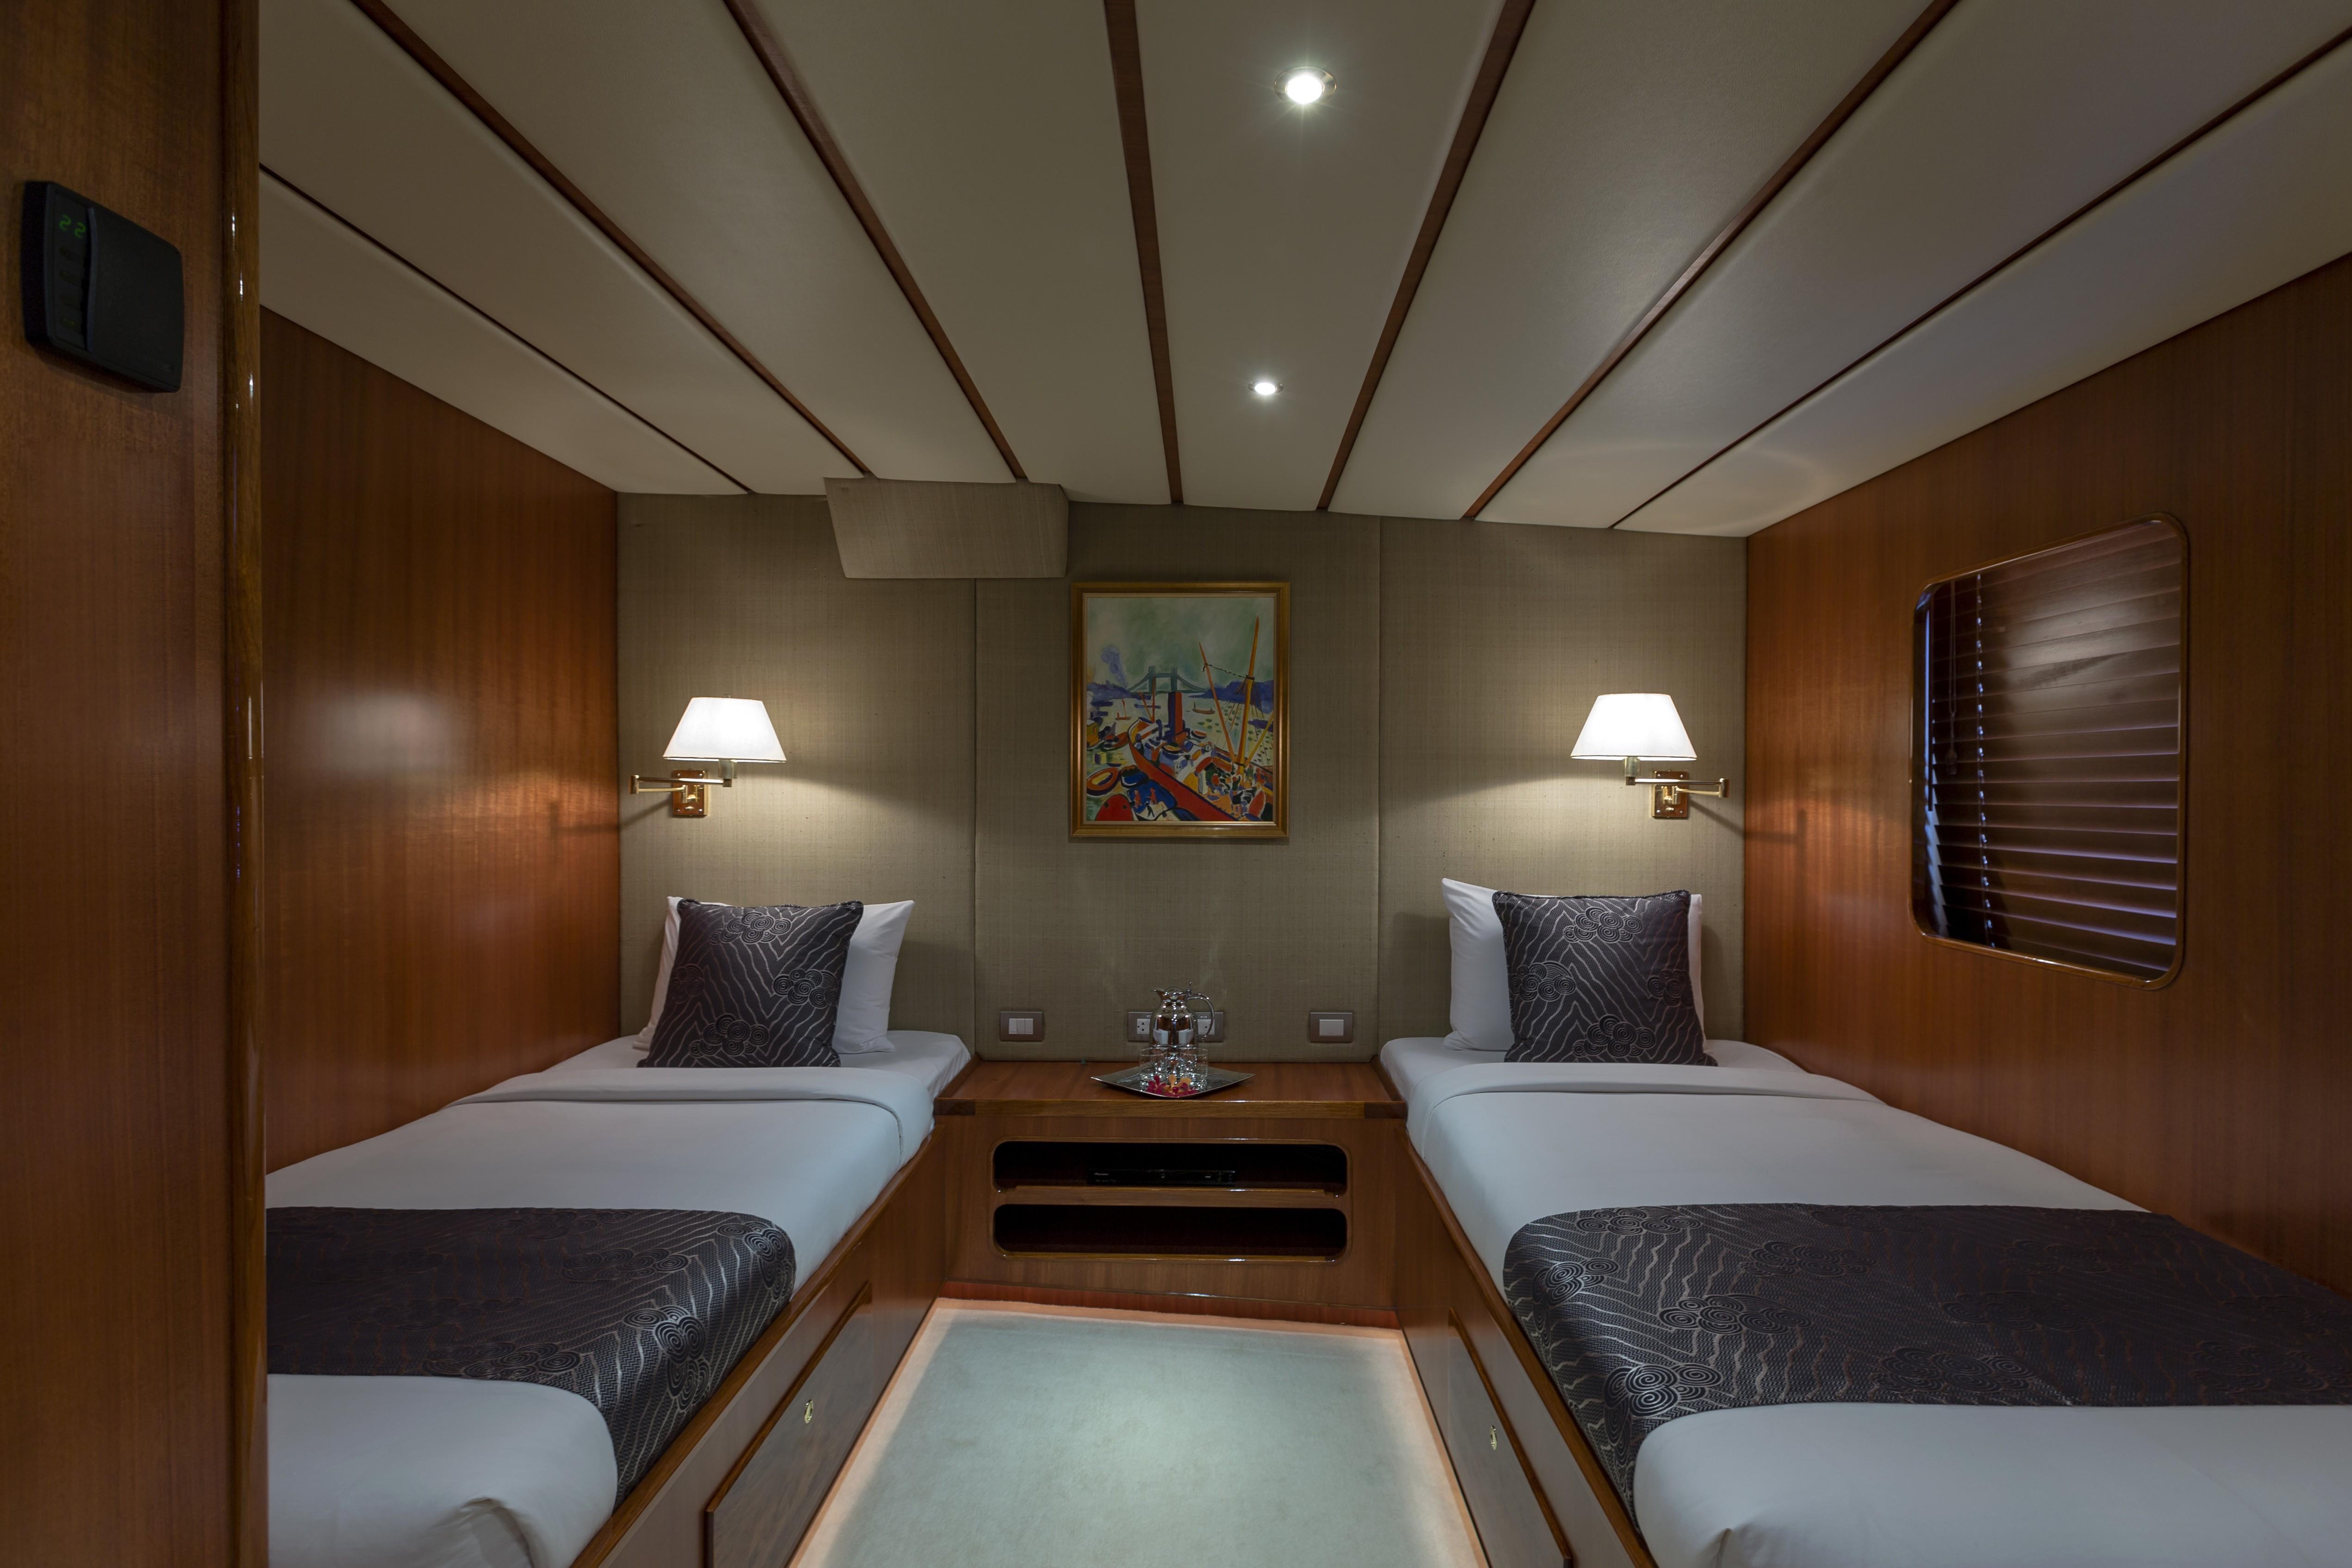 The 50m Yacht NORTHERN SUN